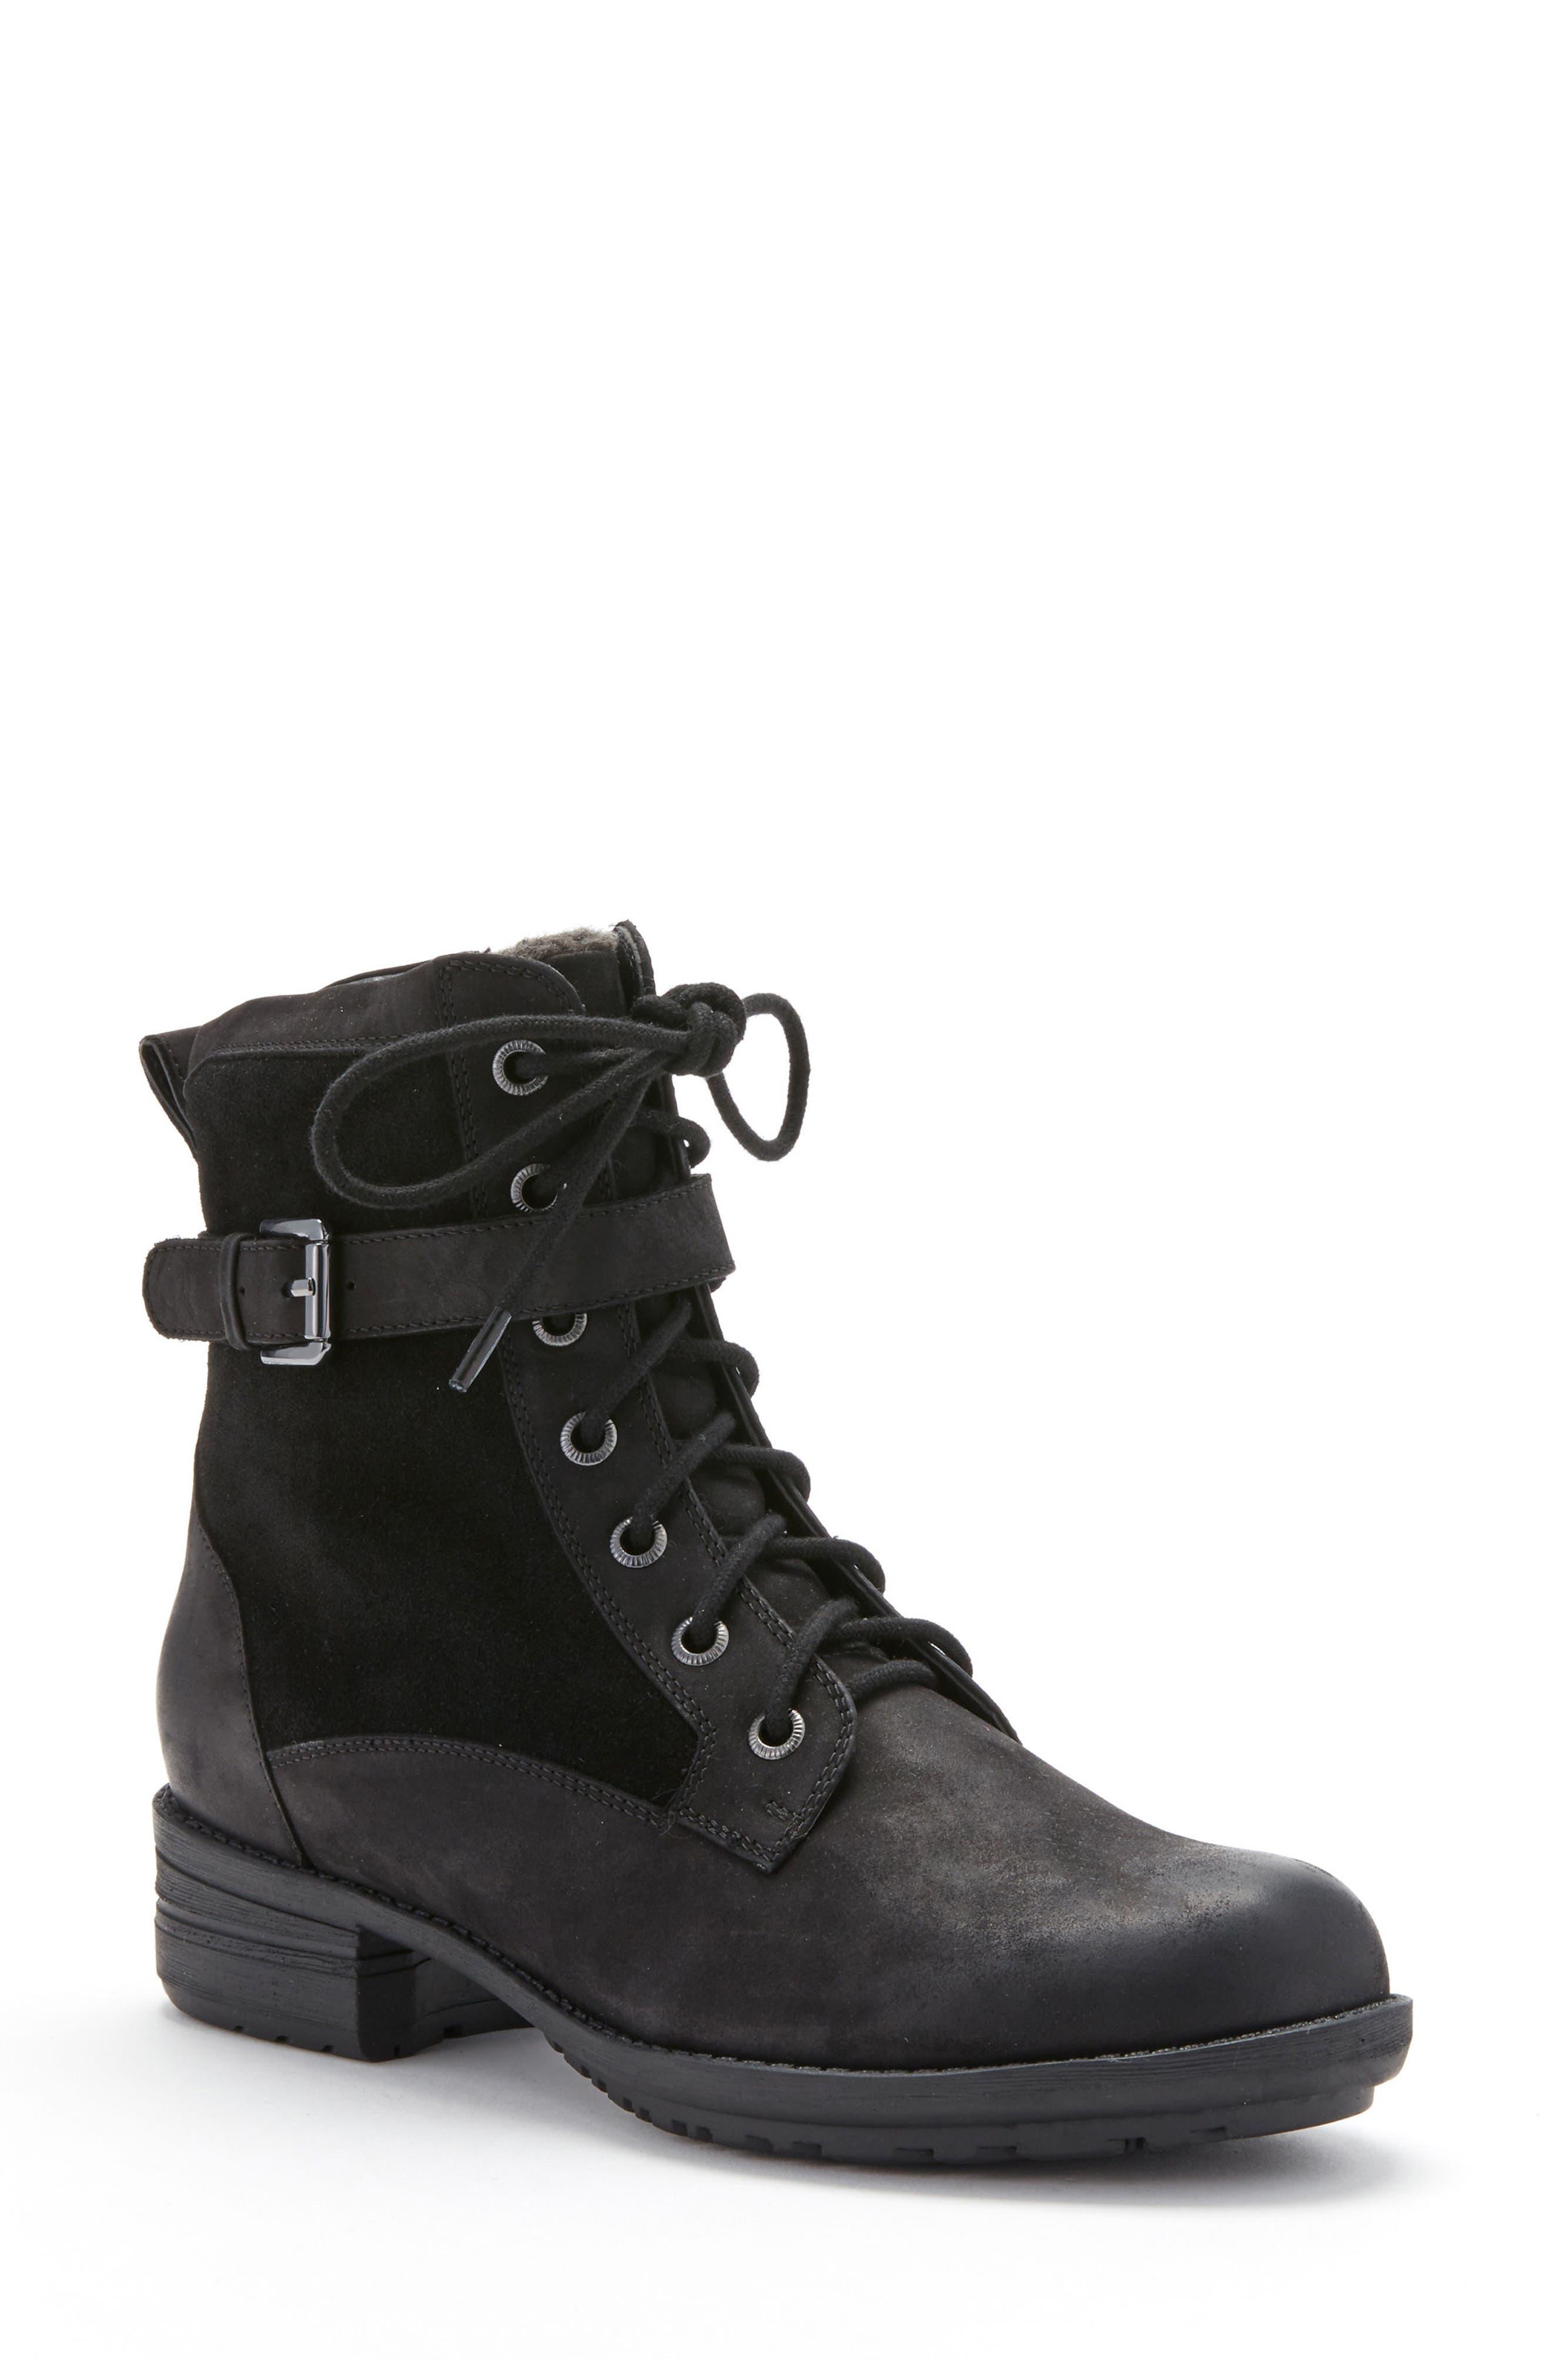 Main Image - Blondo Tunes Waterproof Moto Boot (Women)